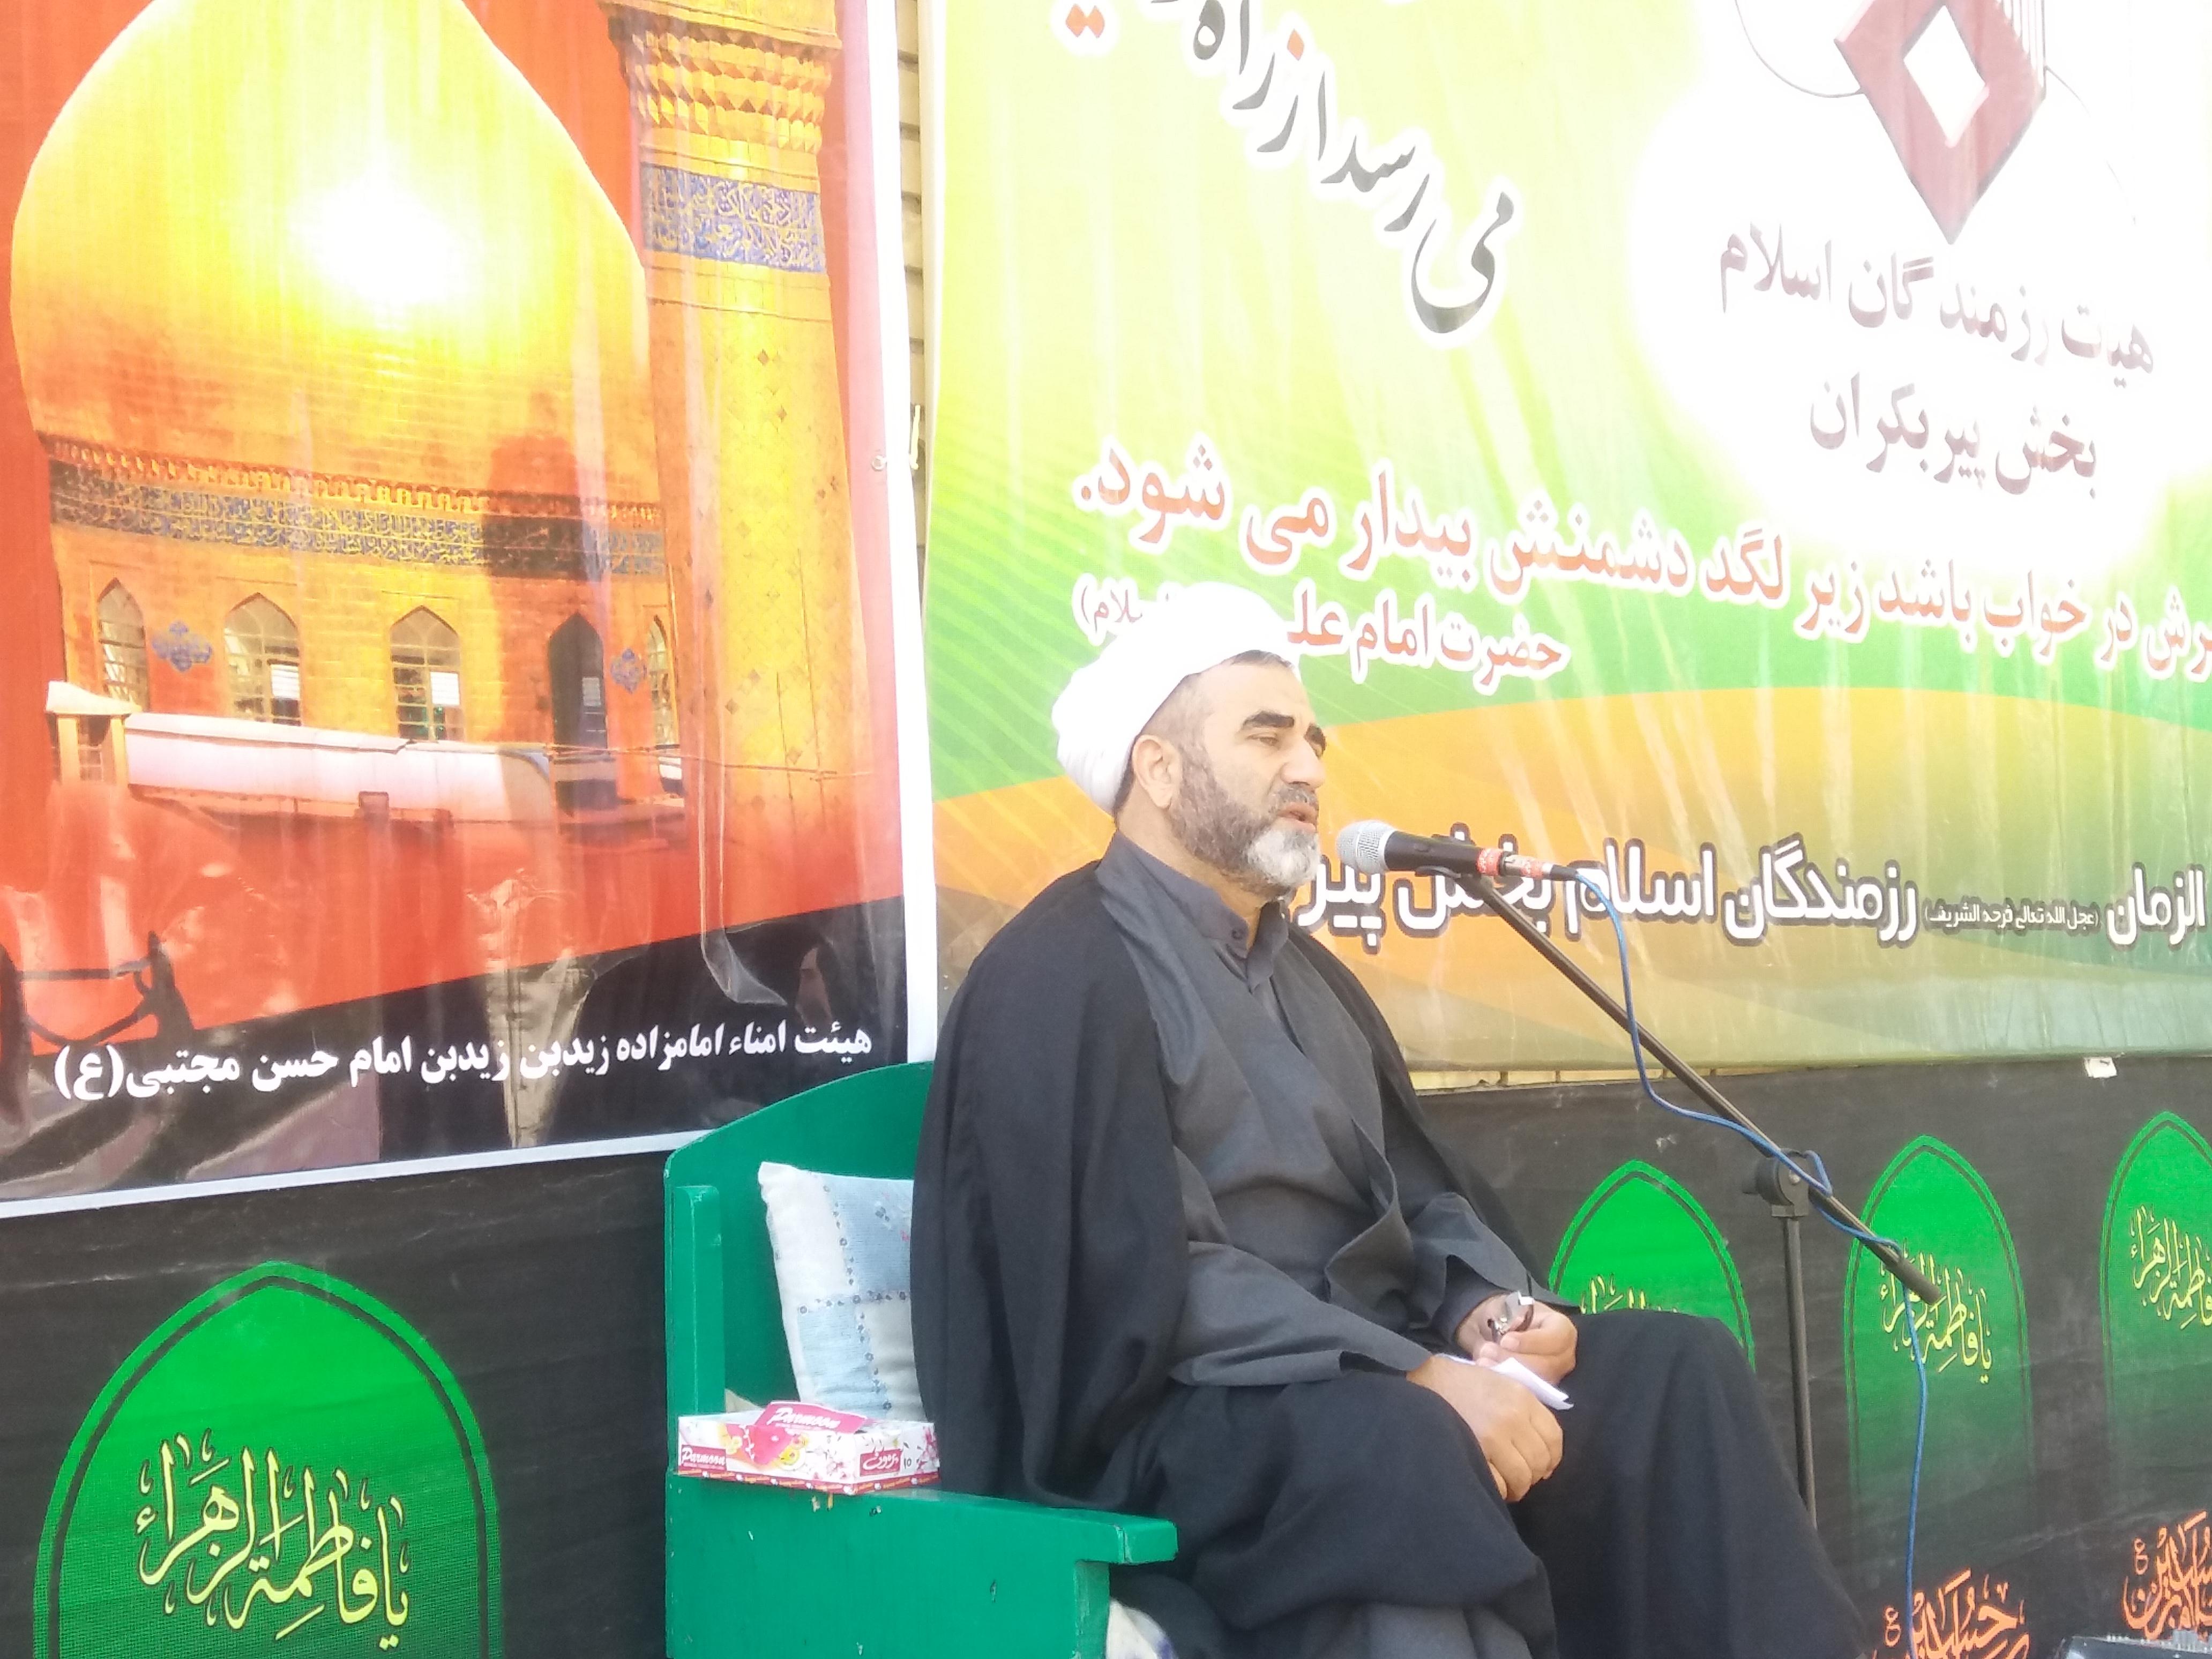 حجت الاسلام والمسلمین دکتر حاجی ابوالحسنی: اربعین نقطه کمال دینداری خدامحوری است